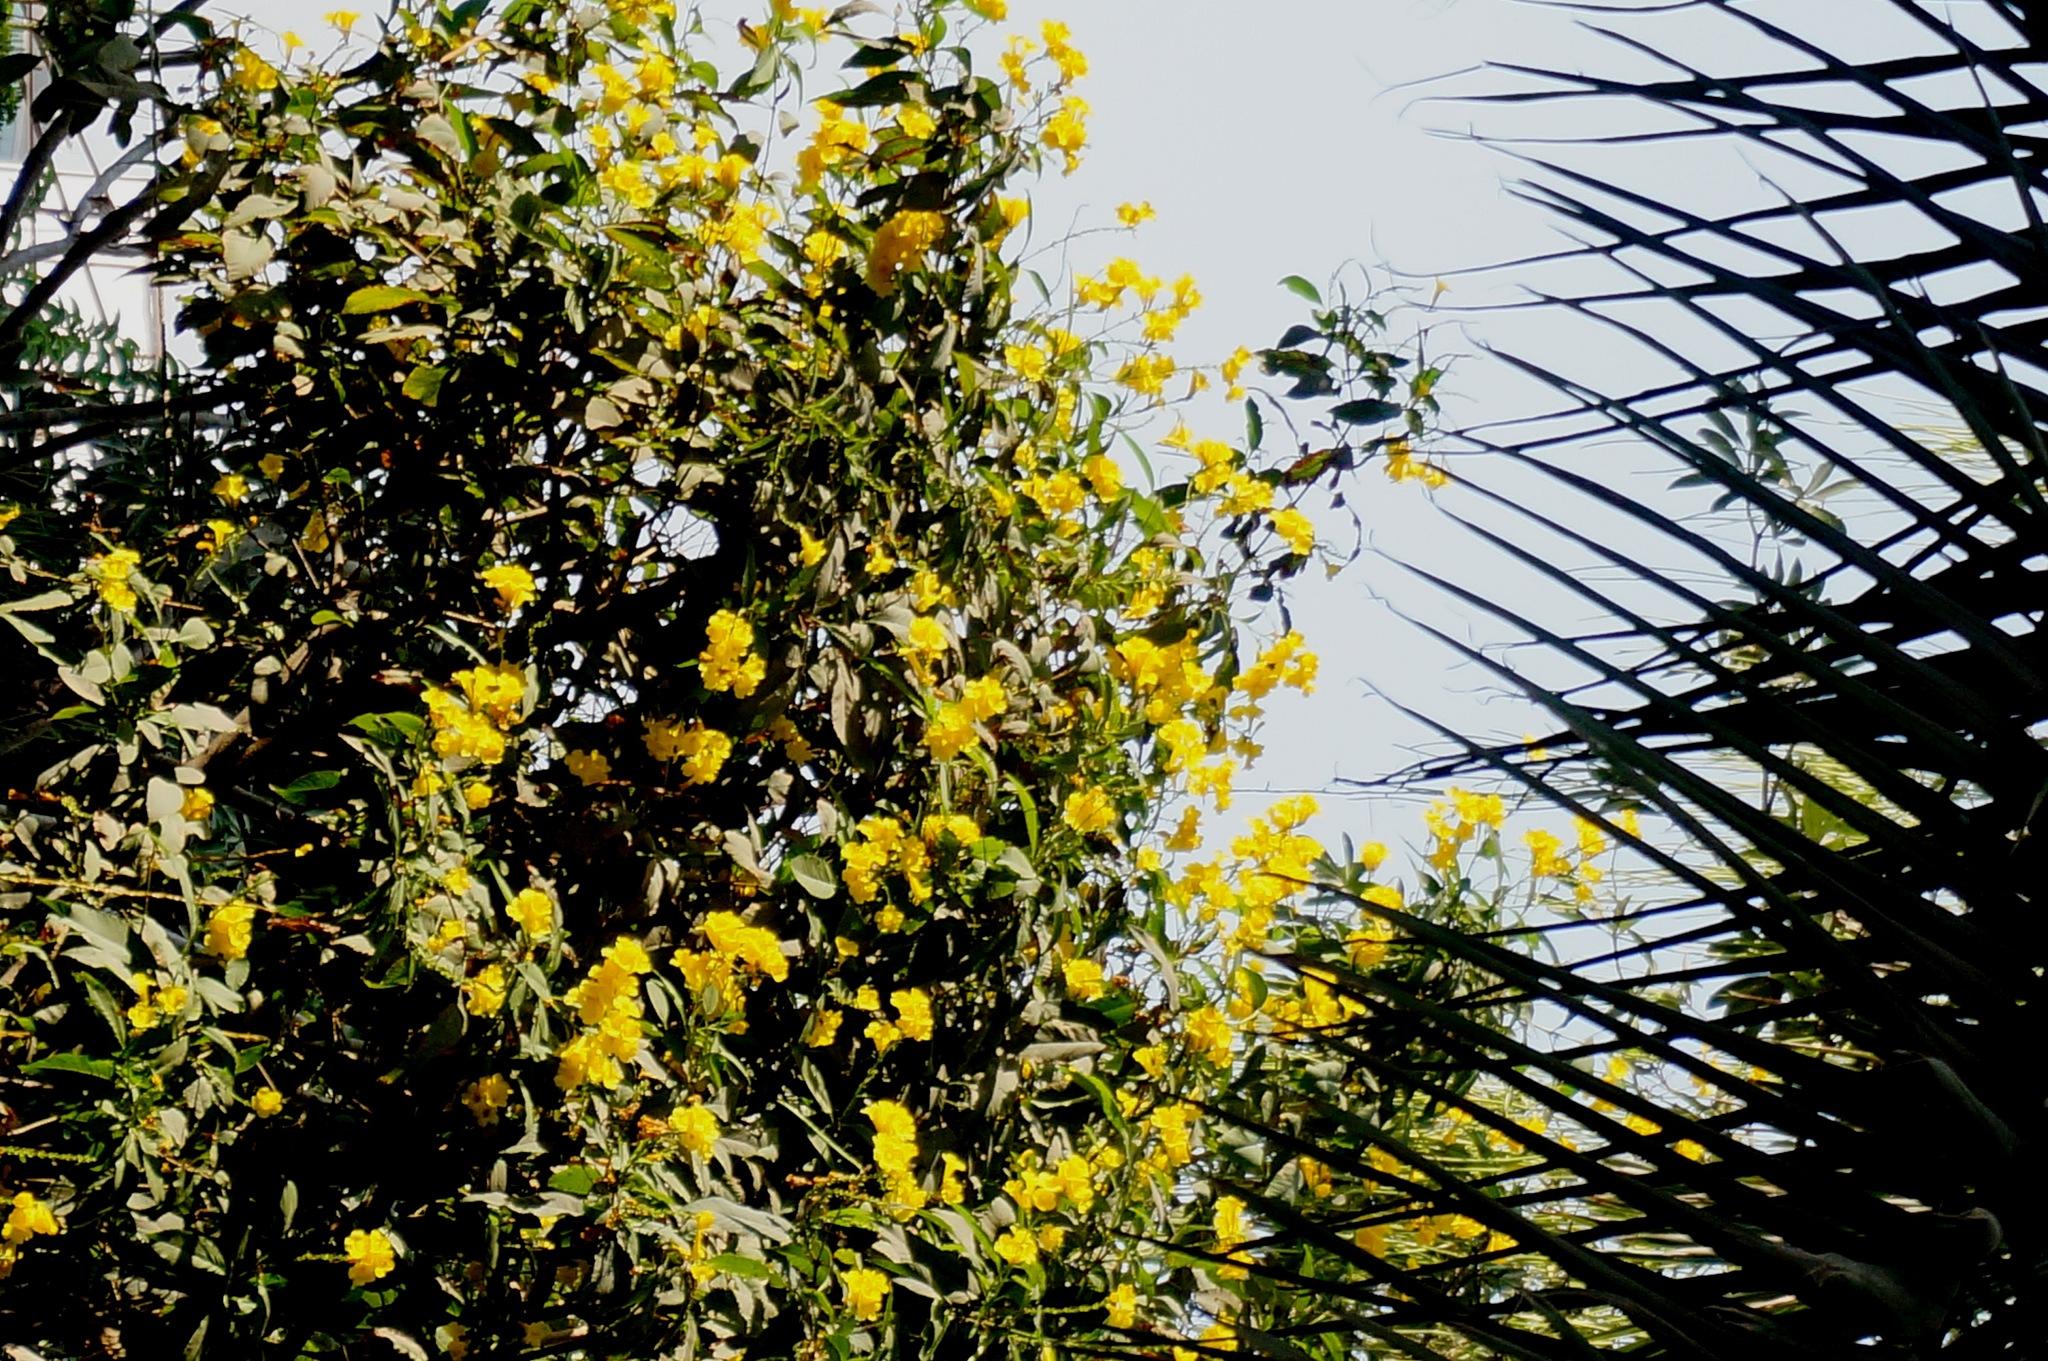 Flower in front of spears by Suresh Tewari